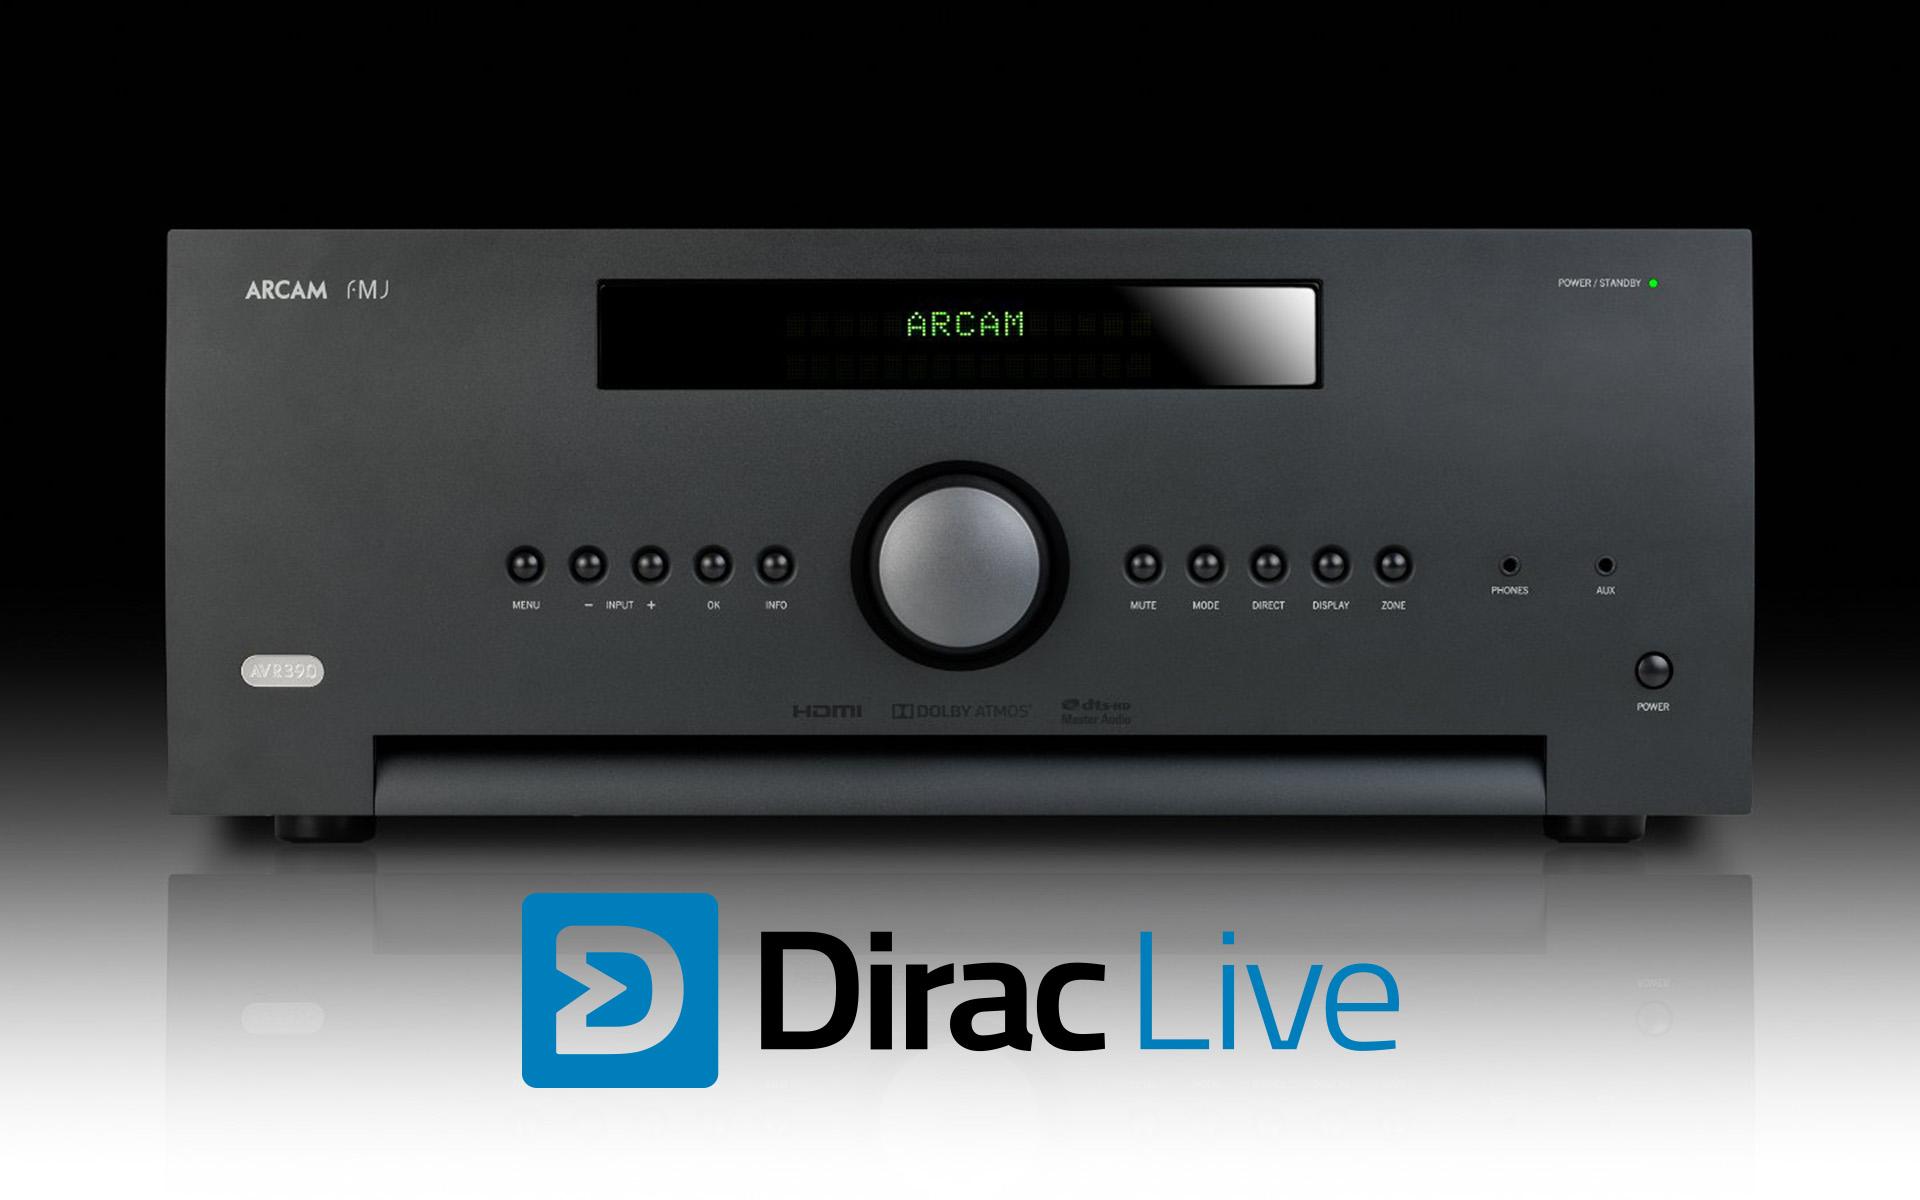 Dirac Live в багаже технологий AV-ресиверов и процессоров Arcam